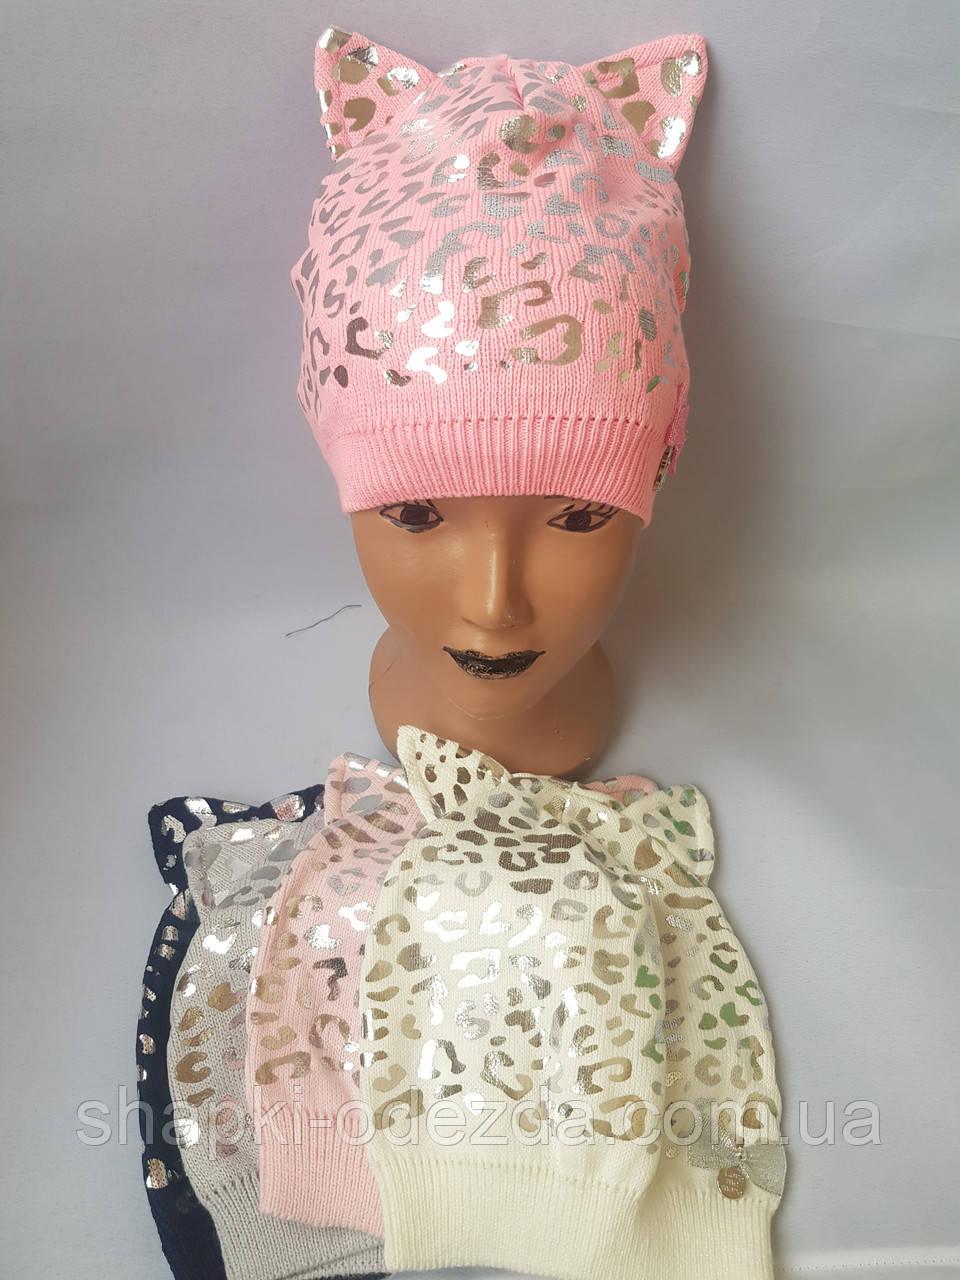 Детская вязаная шапка для девочки  р 46-48 оптом